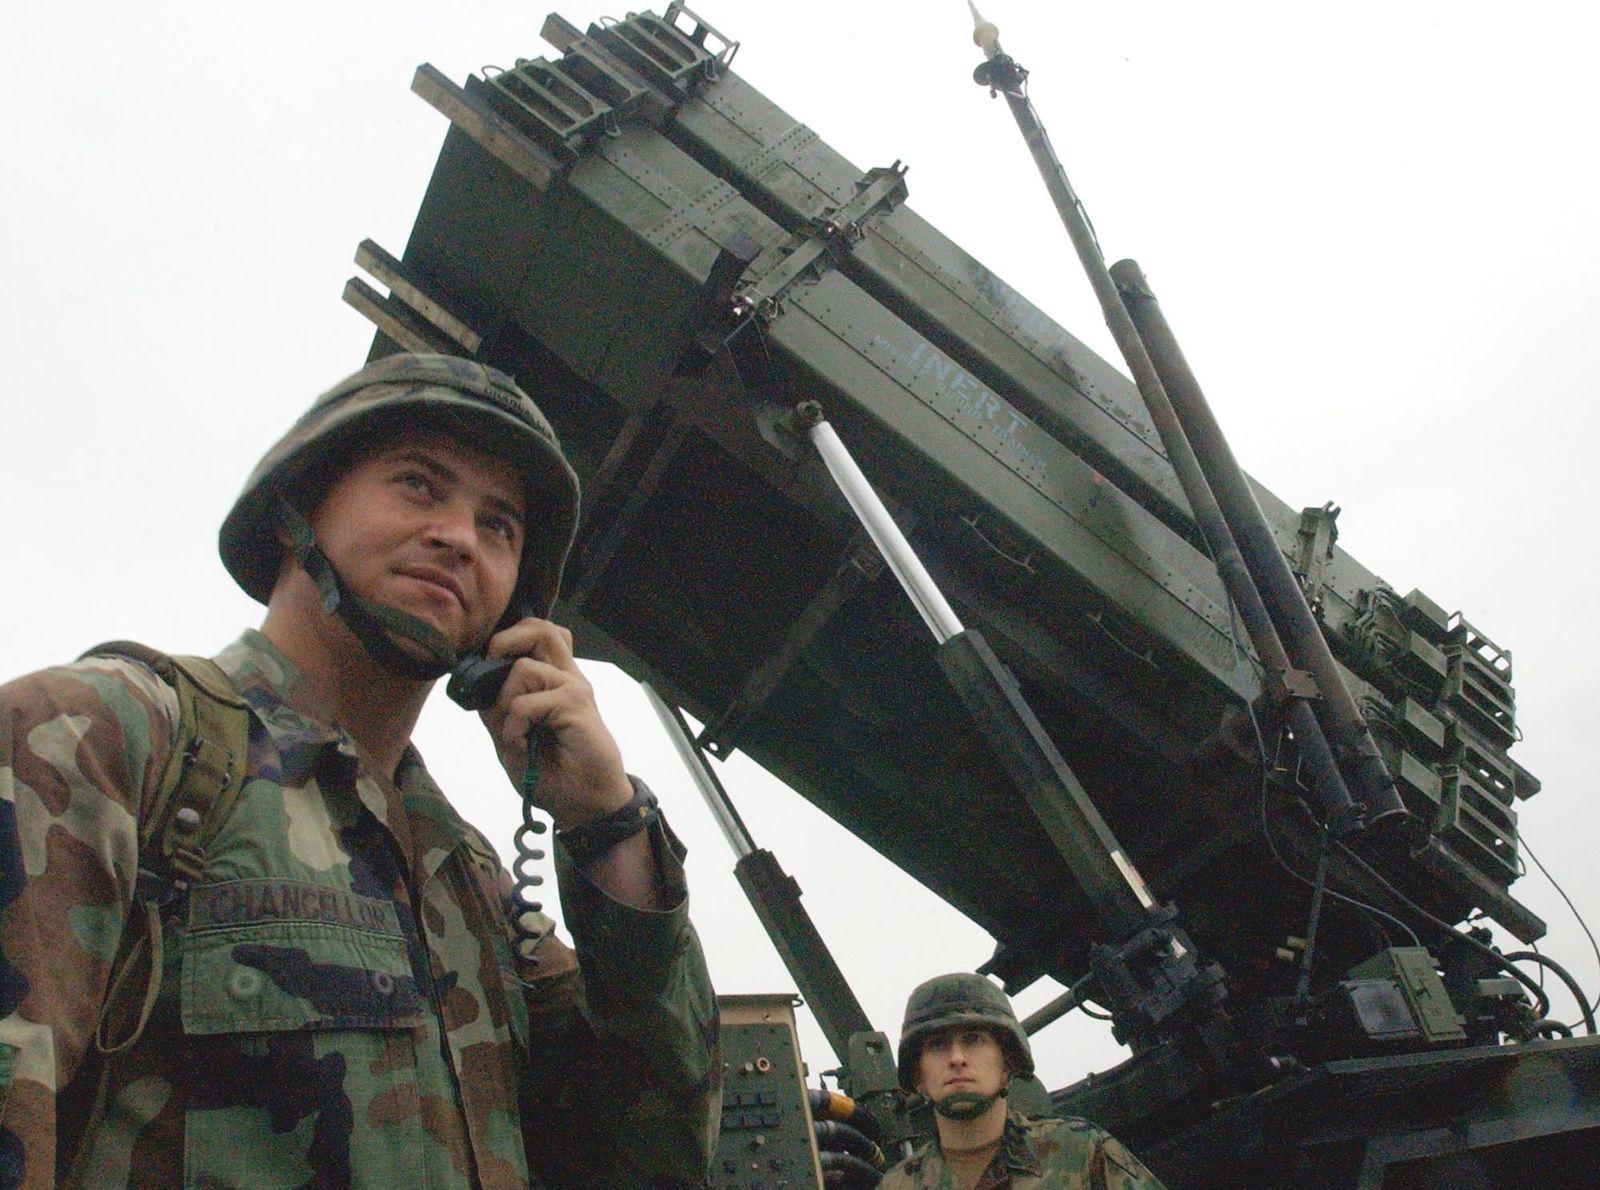 Patriot / Raketenabwehrsystem